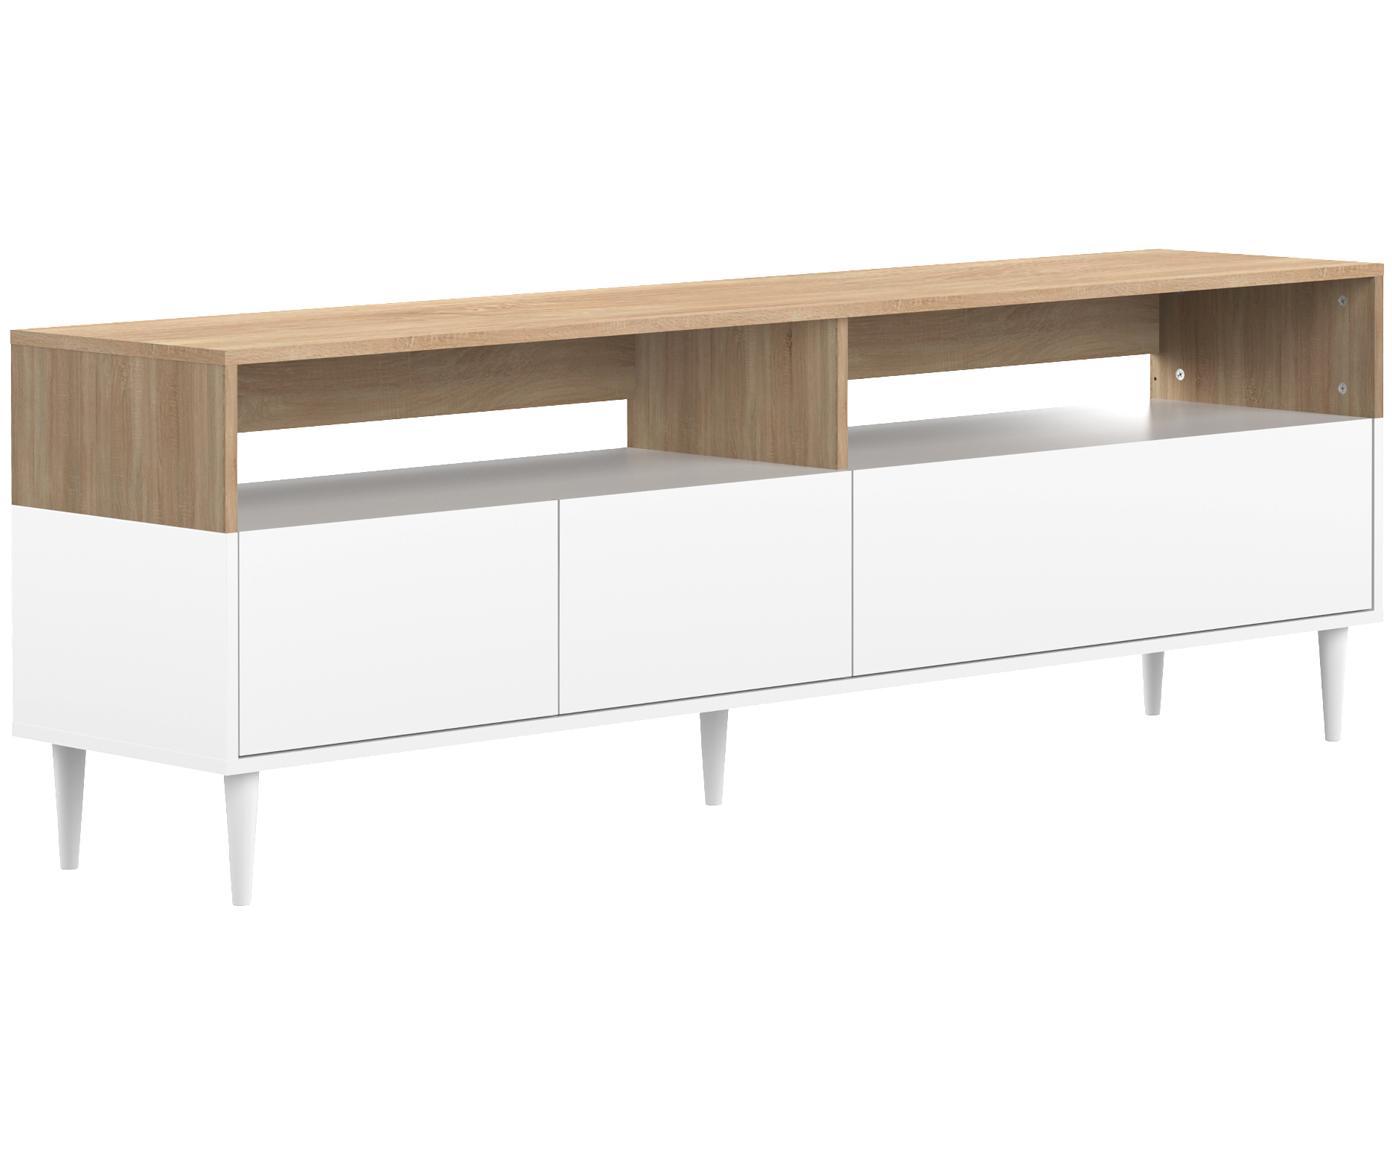 Mobile TV basso scandi Horizon, Piedini: legno di faggio, massicci, Legno di quercia, bianco, Larg. 180 x Alt. 61 cm